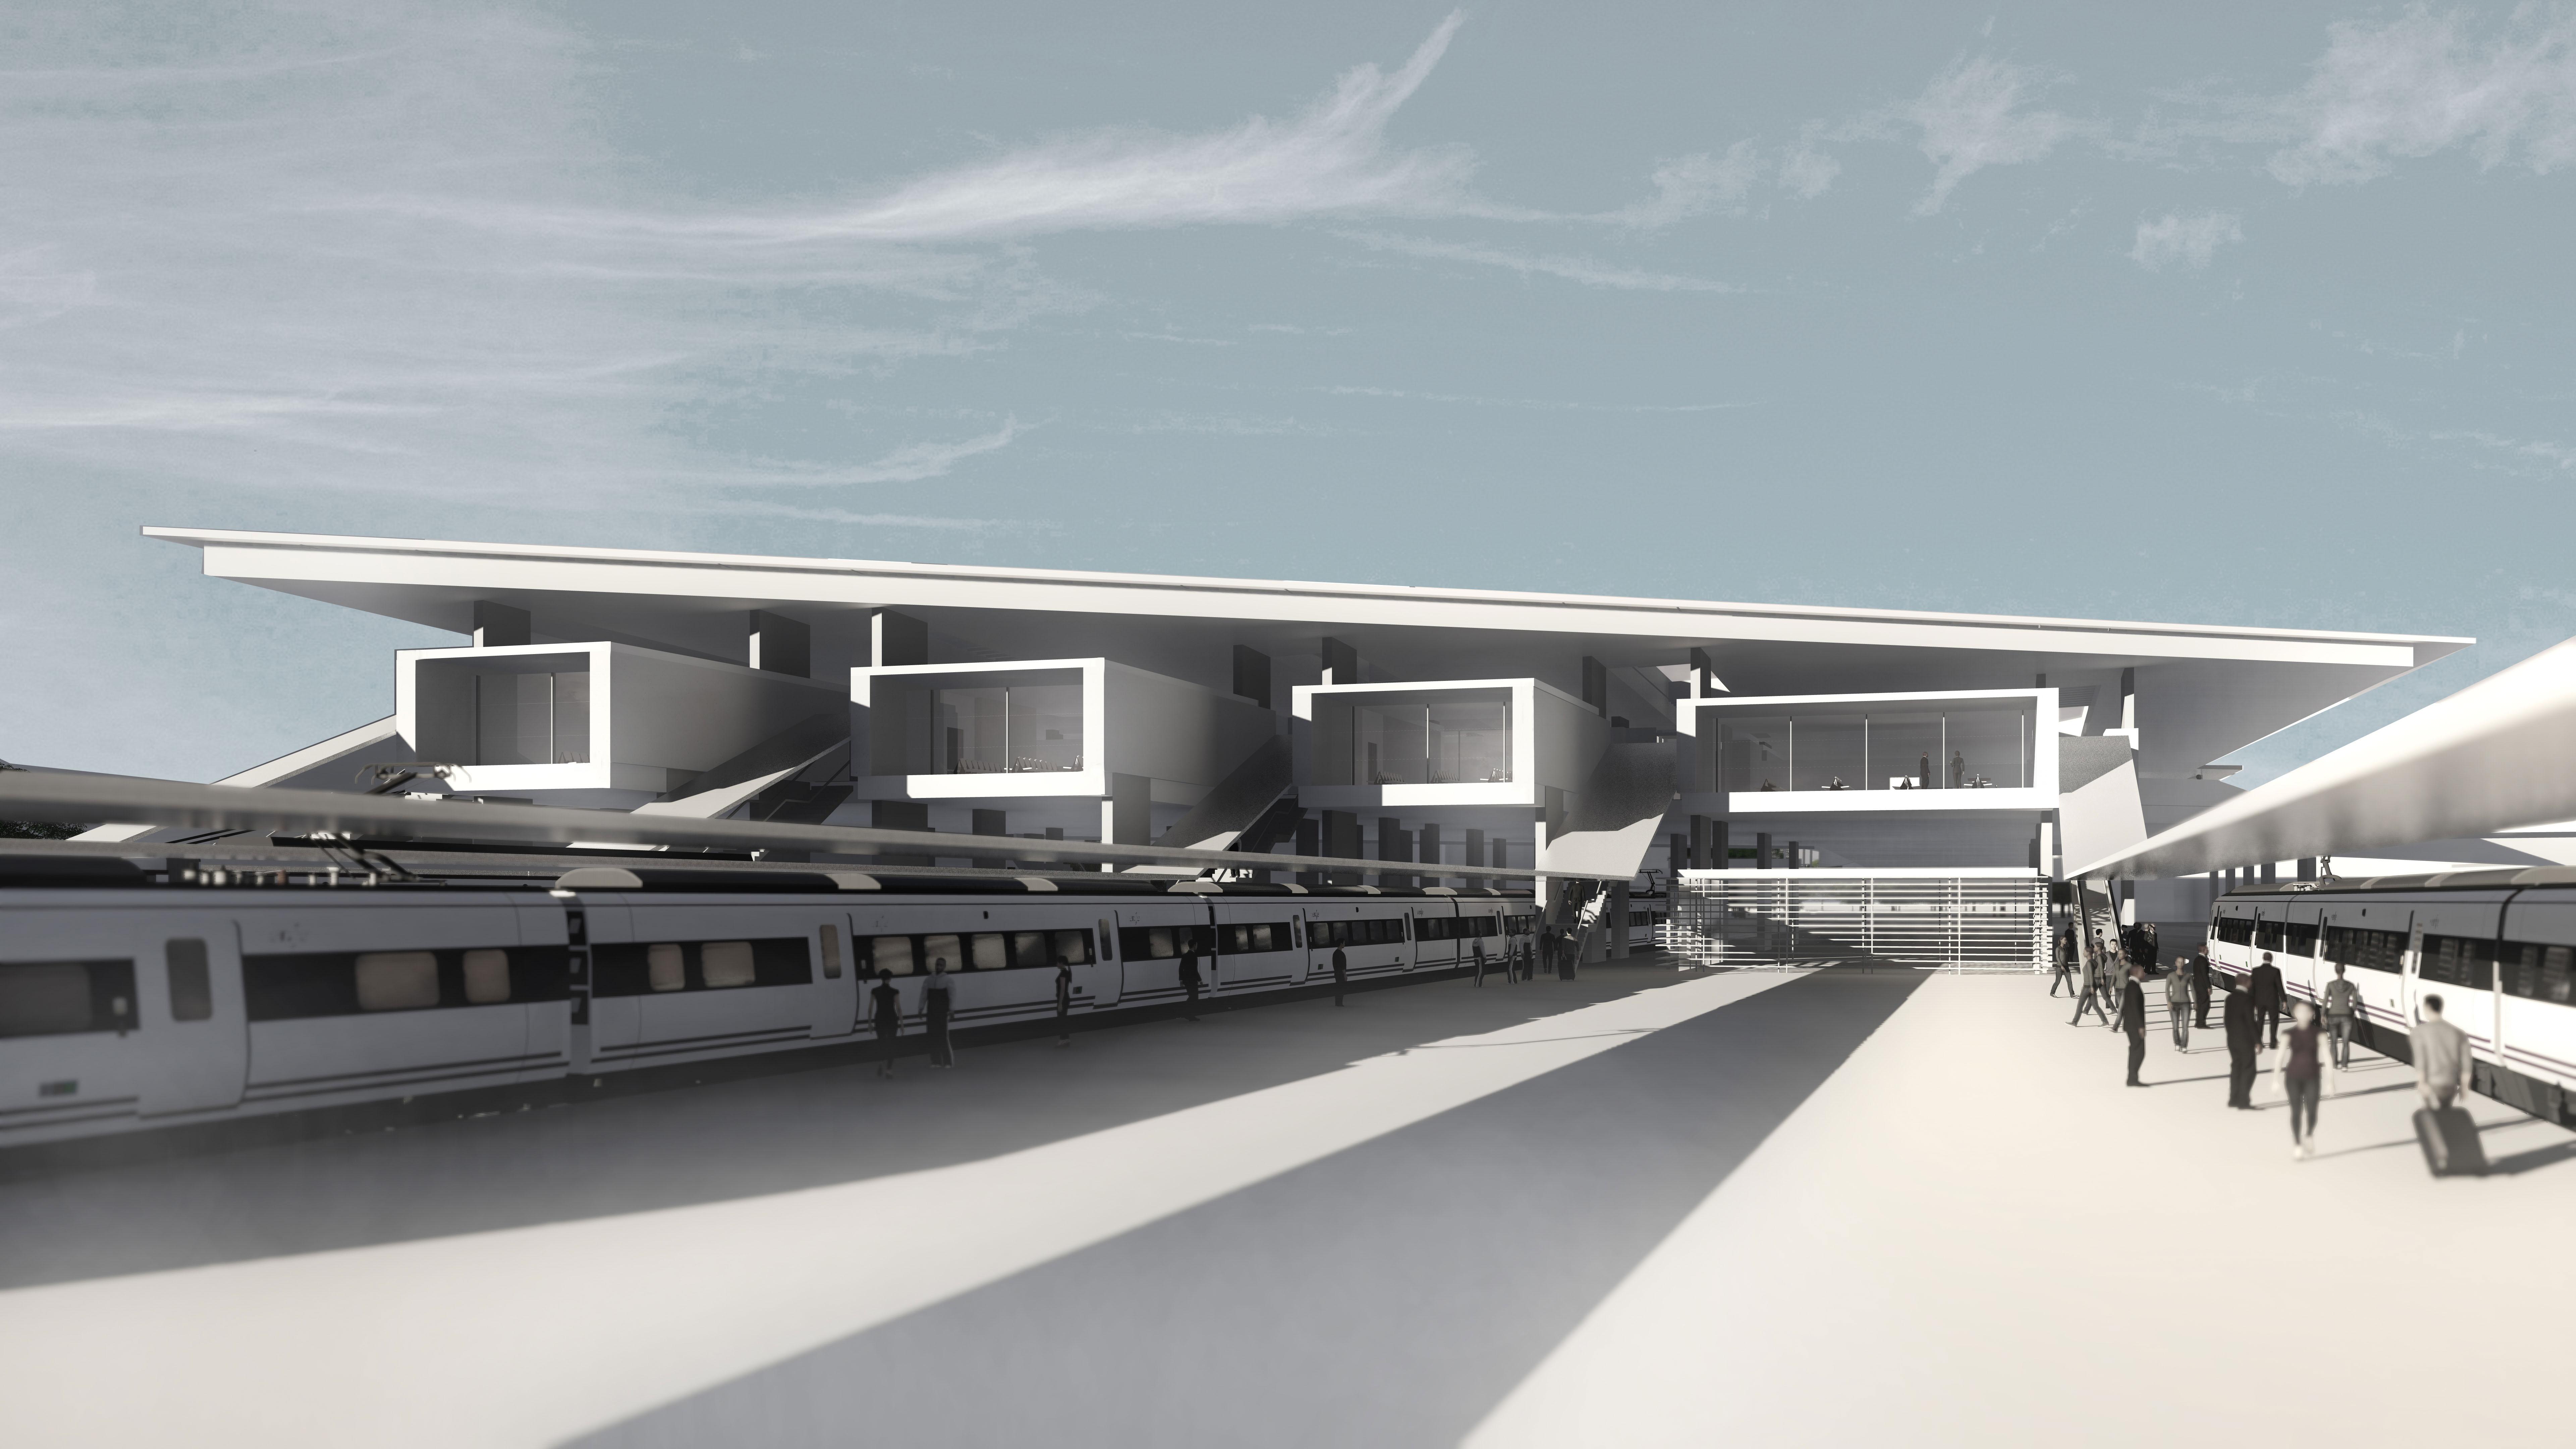 Perspectiva del proyecto de la estación.